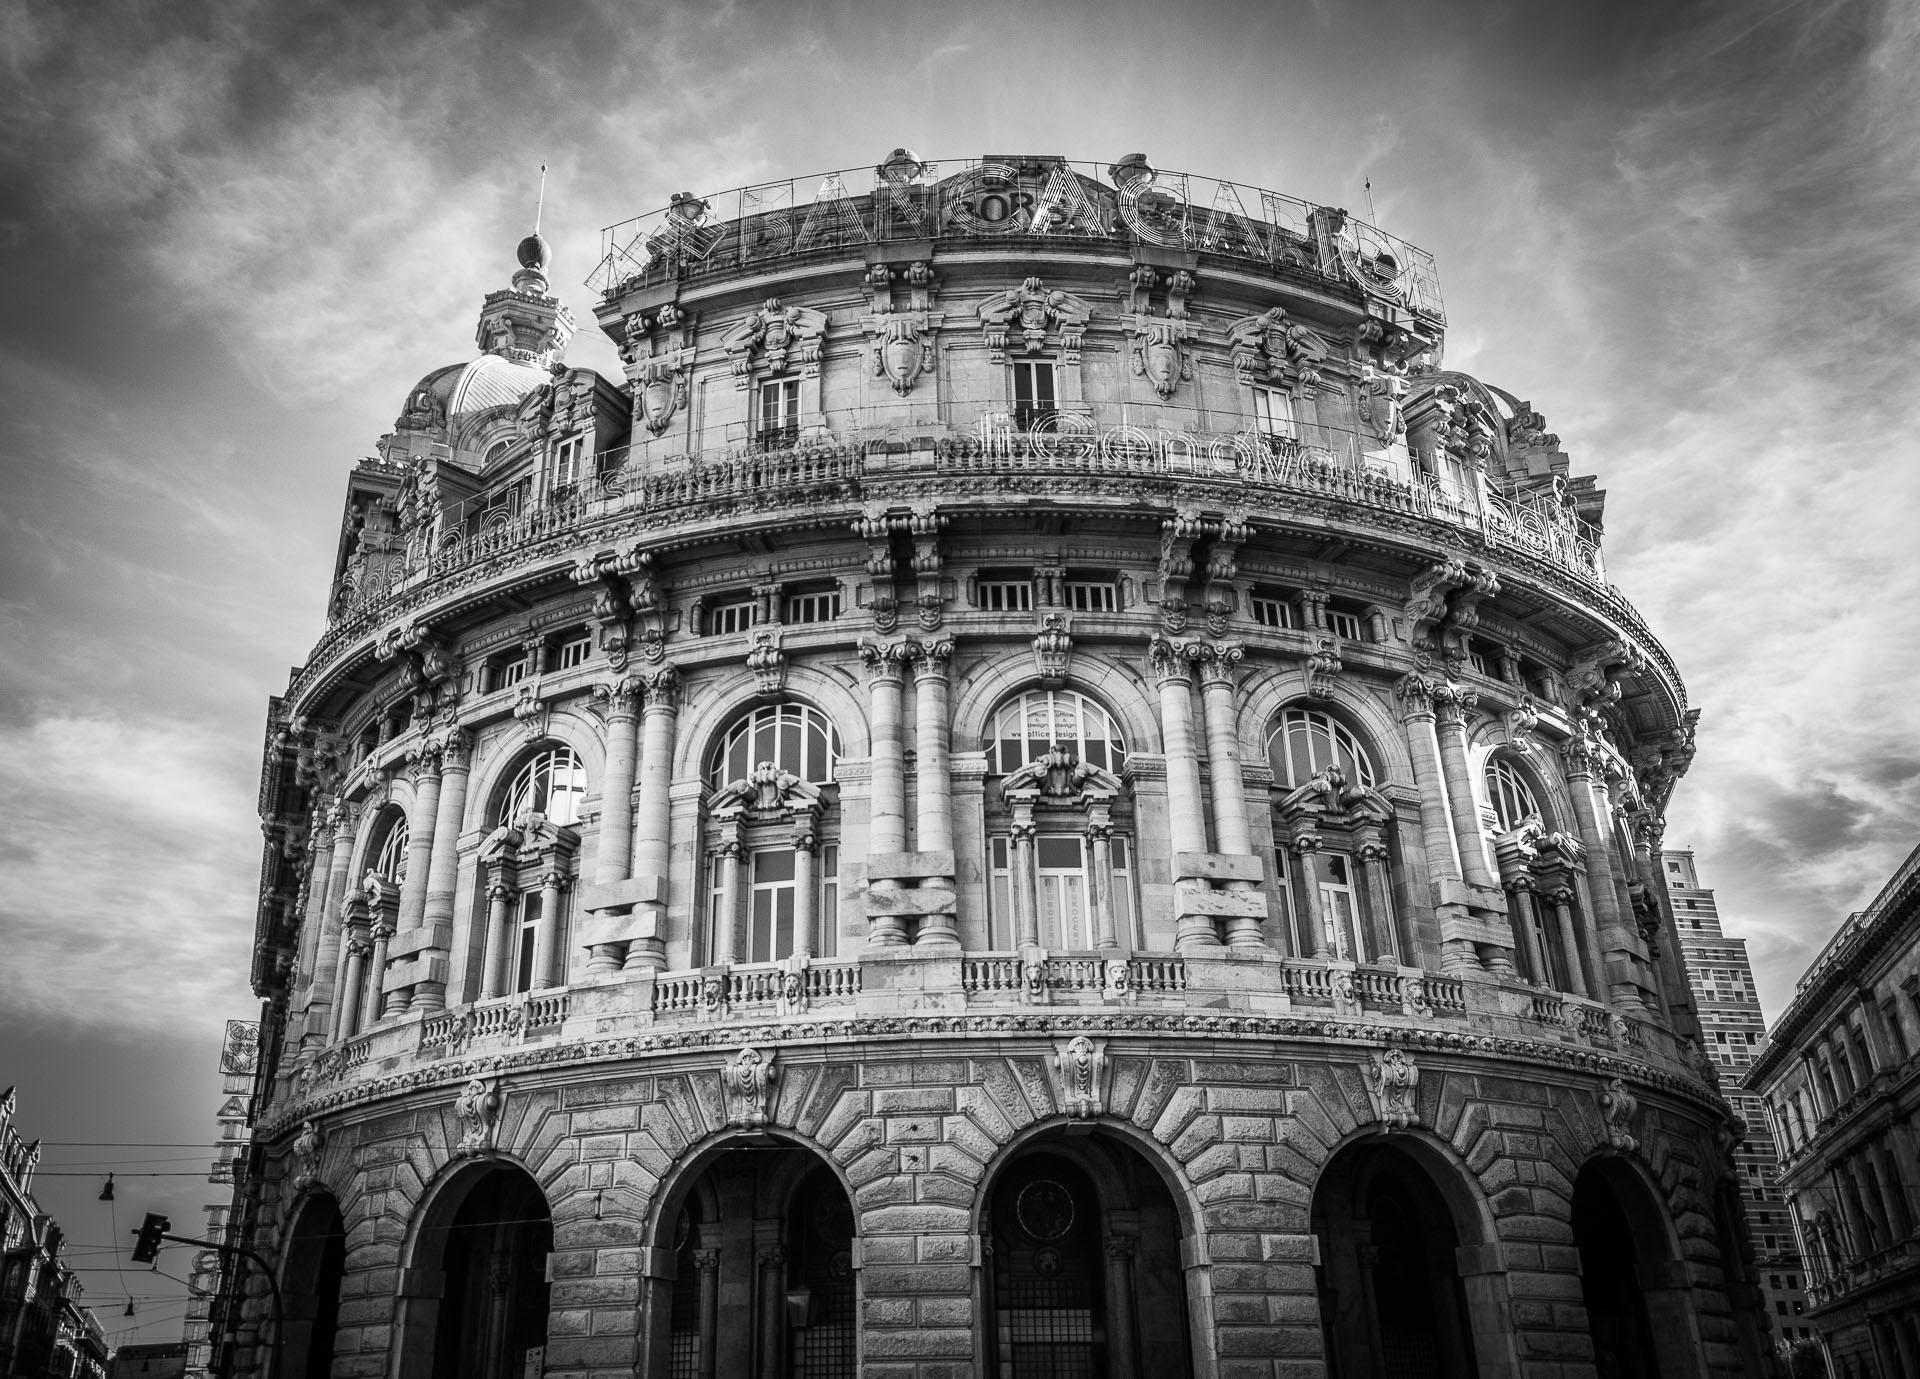 Palazzo della Borsa Valori di Genova - Architettura e Monumenti - SoreX Photo by Stefano Soresina